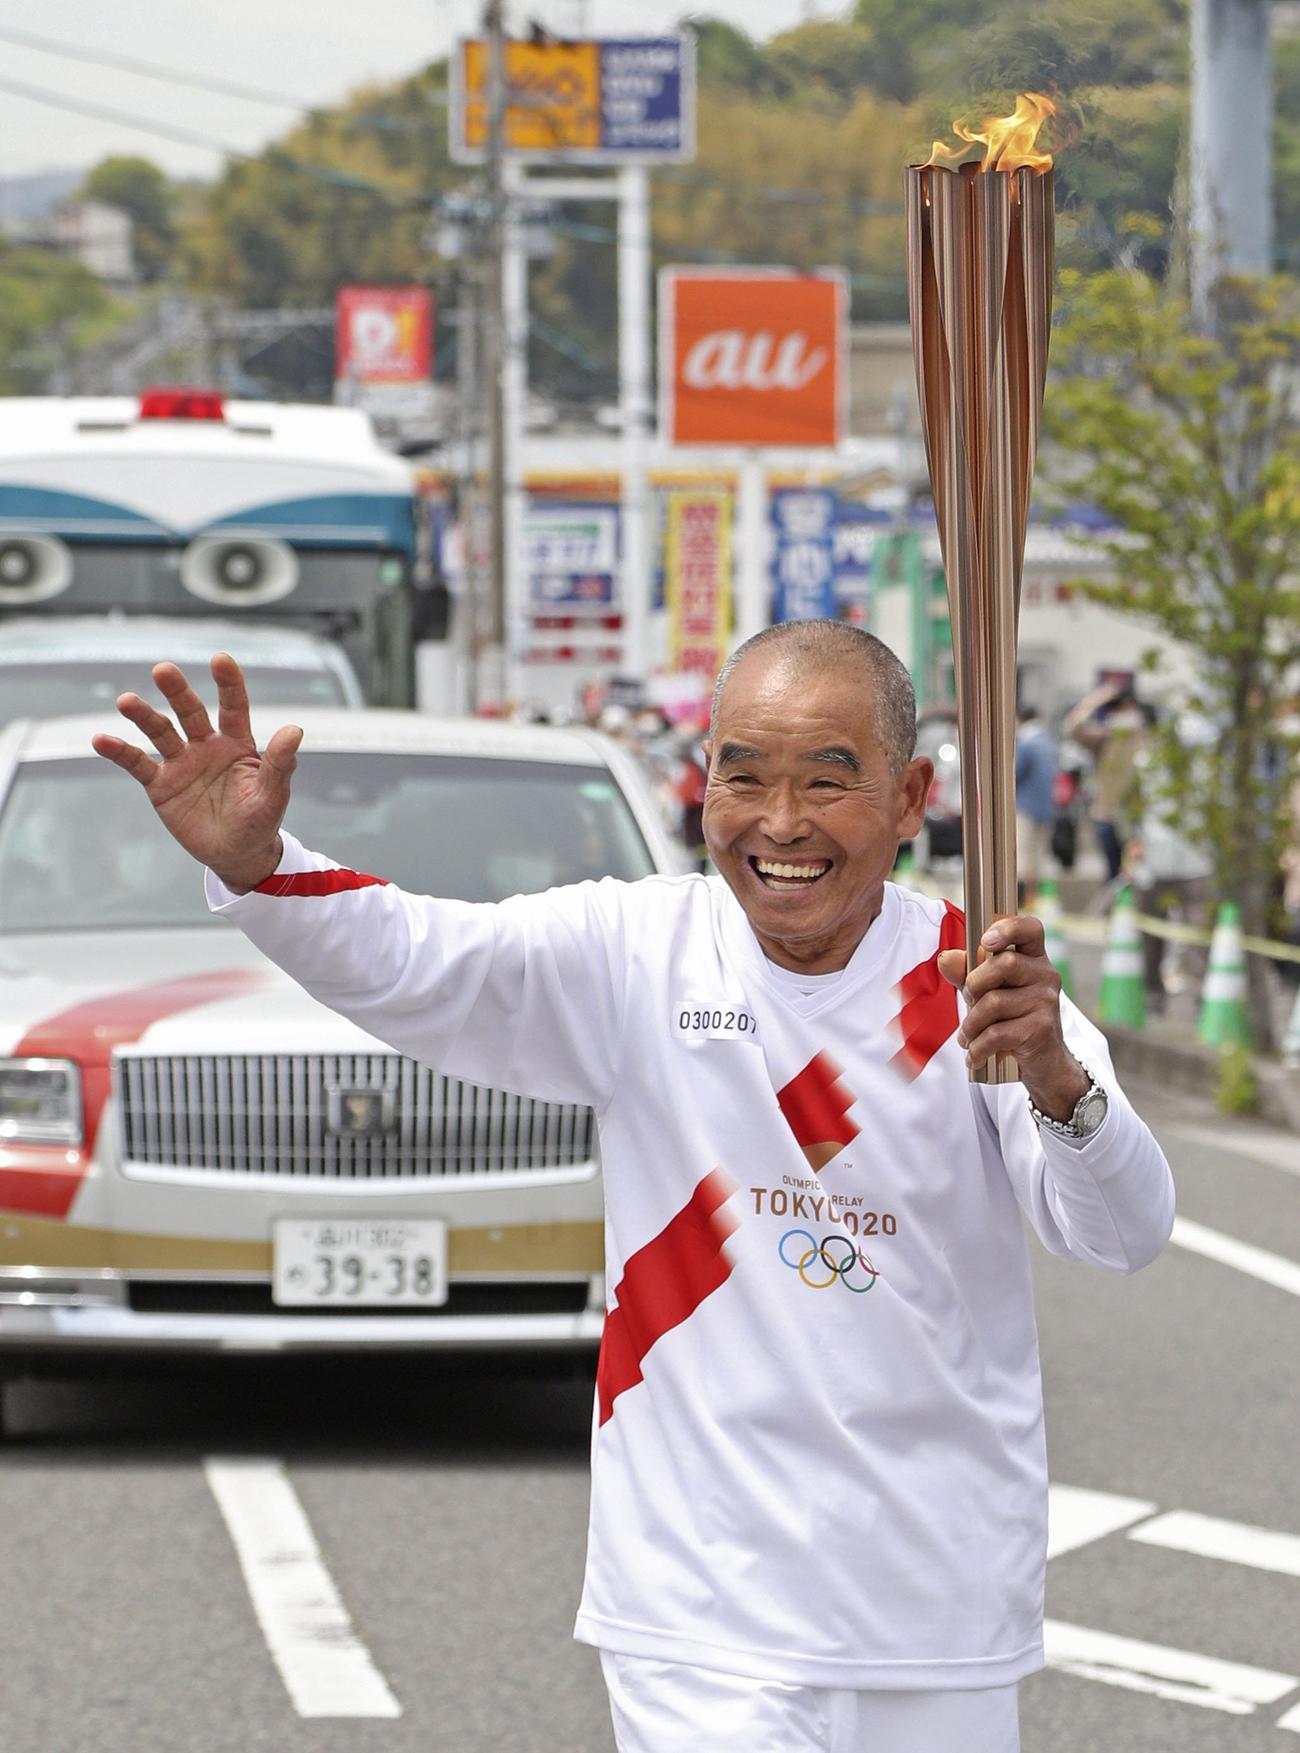 大分県日出町を走る聖火ランナーの尾畠春夫さん(代表撮影)